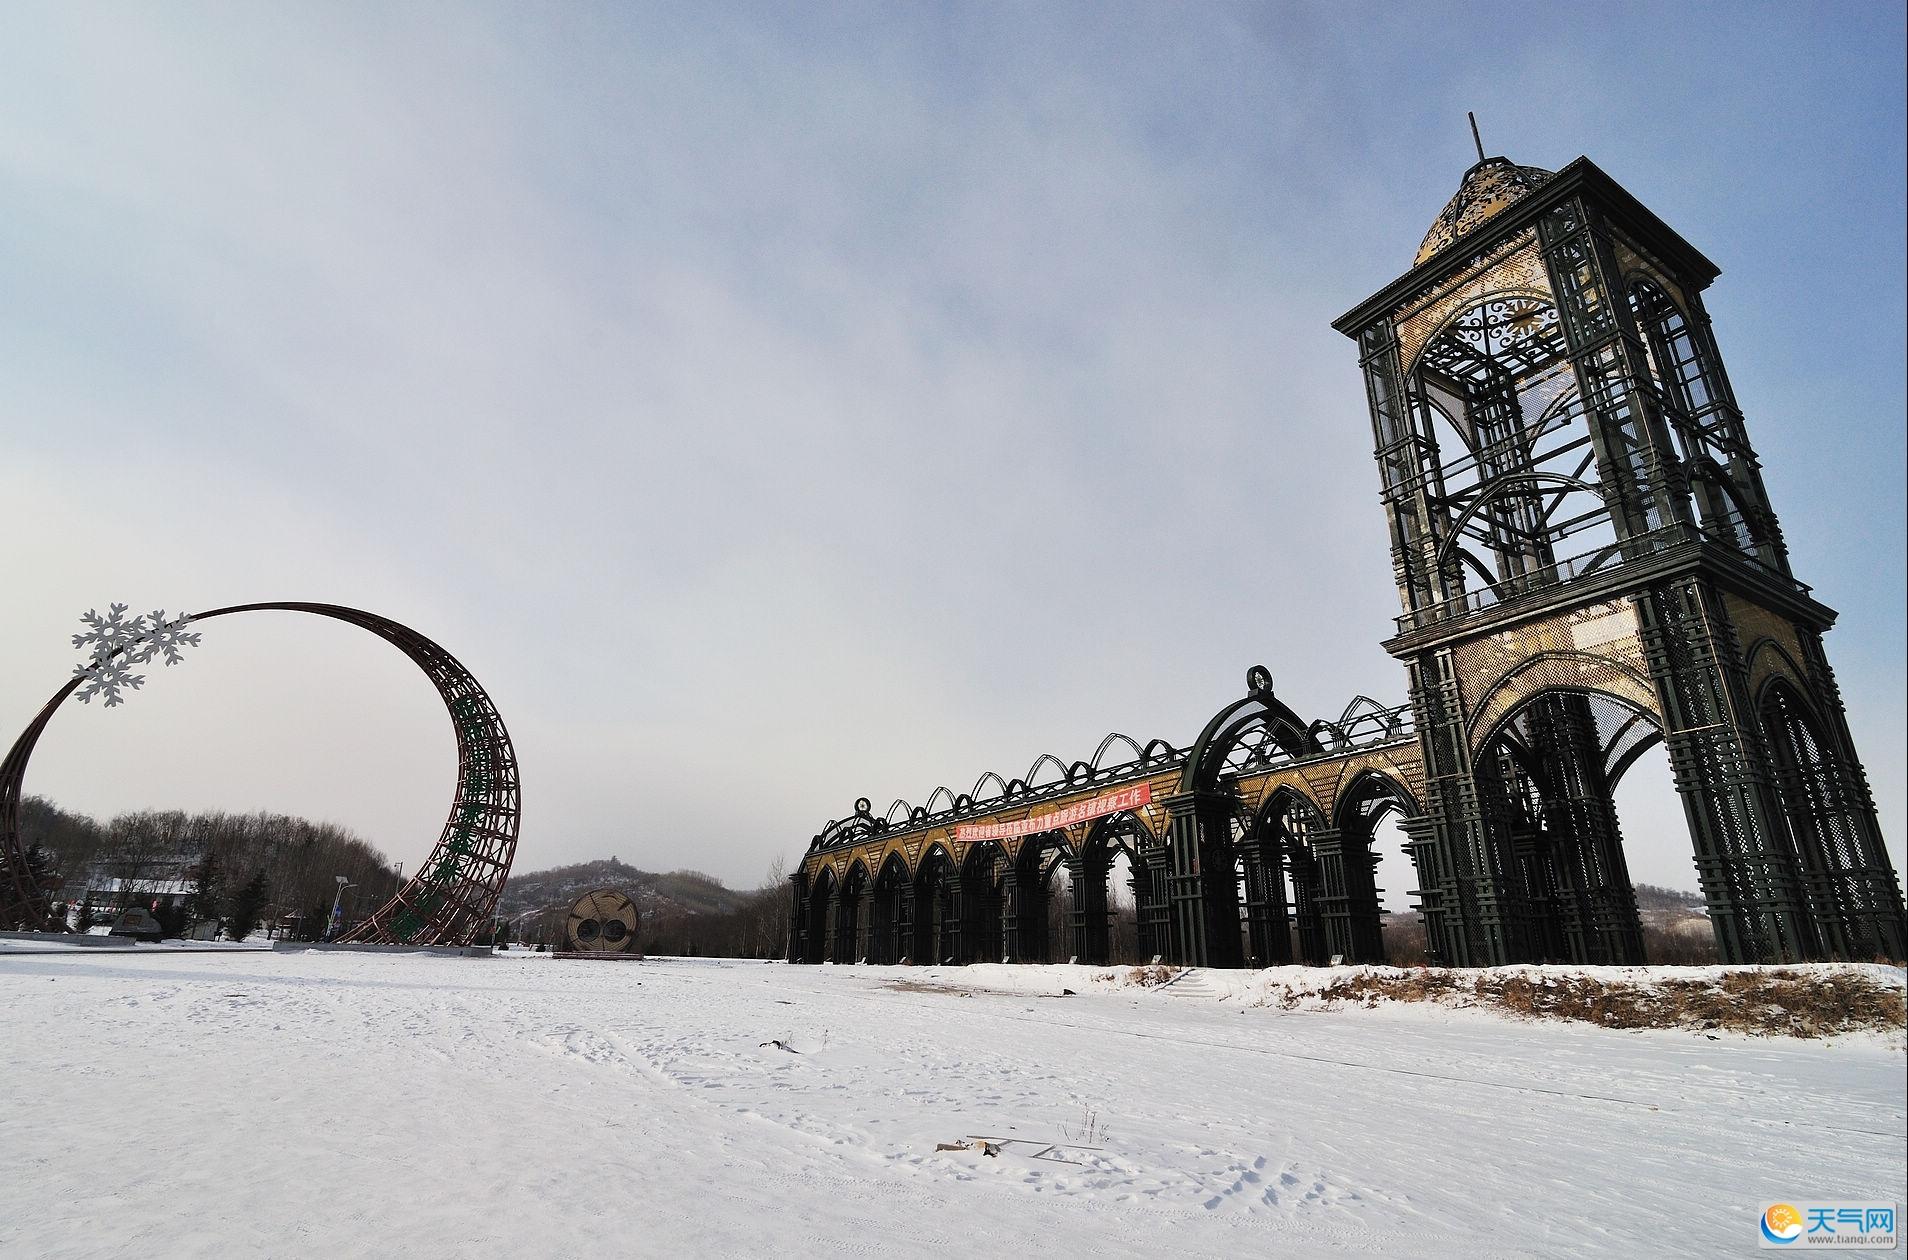 首页 ppt背景 风景ppt背景图片 > 亚布力滑雪旅游度假区ppt背景图片